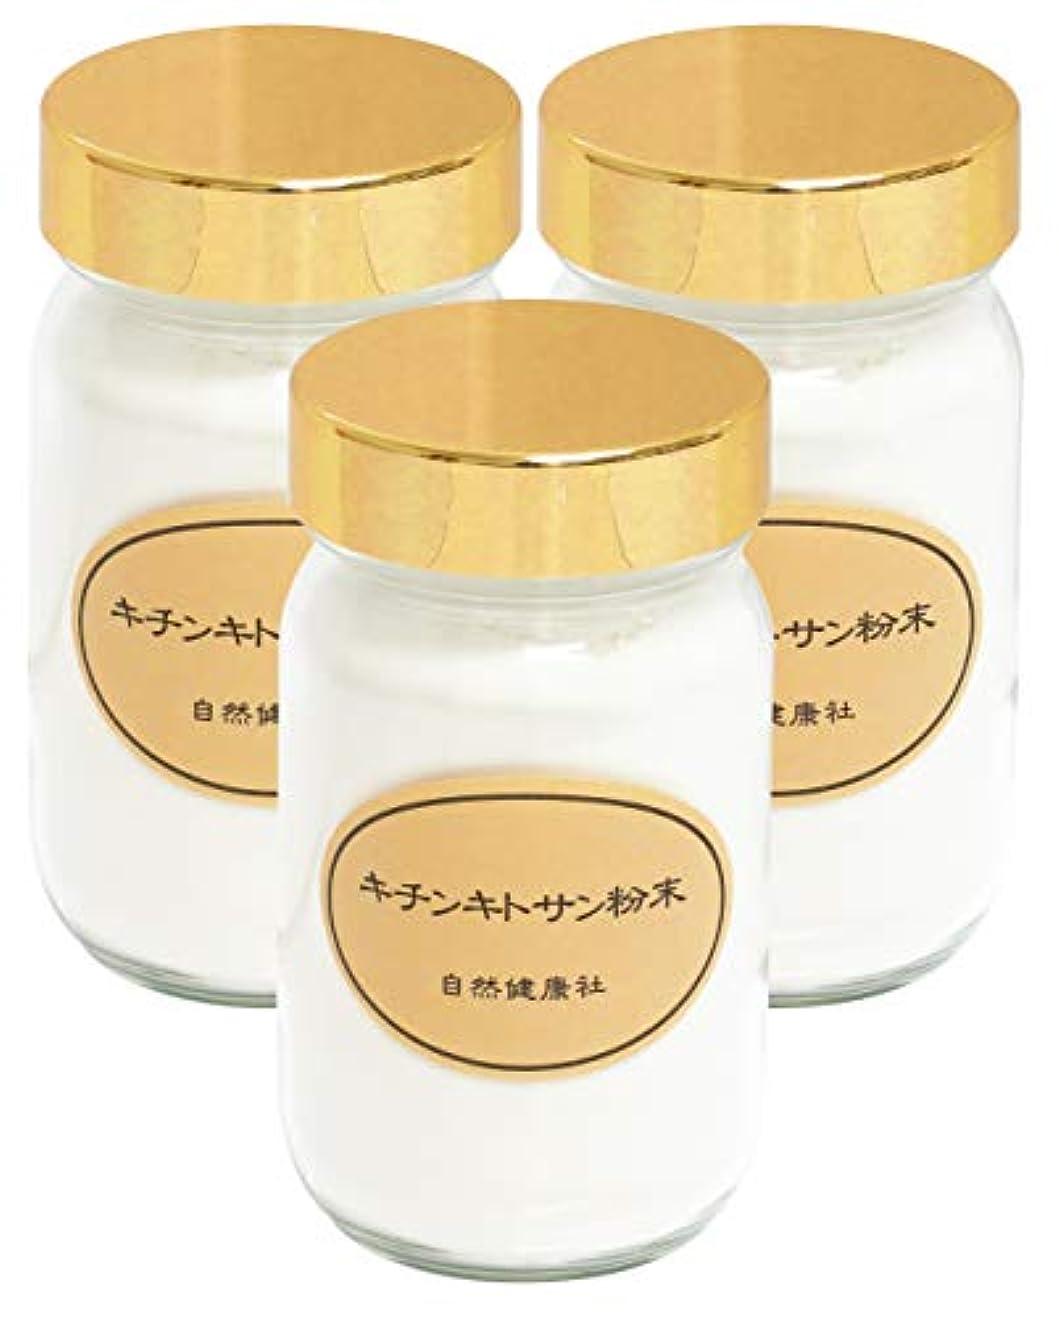 興奮スクラッチ楕円形自然健康社 キチンキトサン粉末 90g×3個 瓶入り